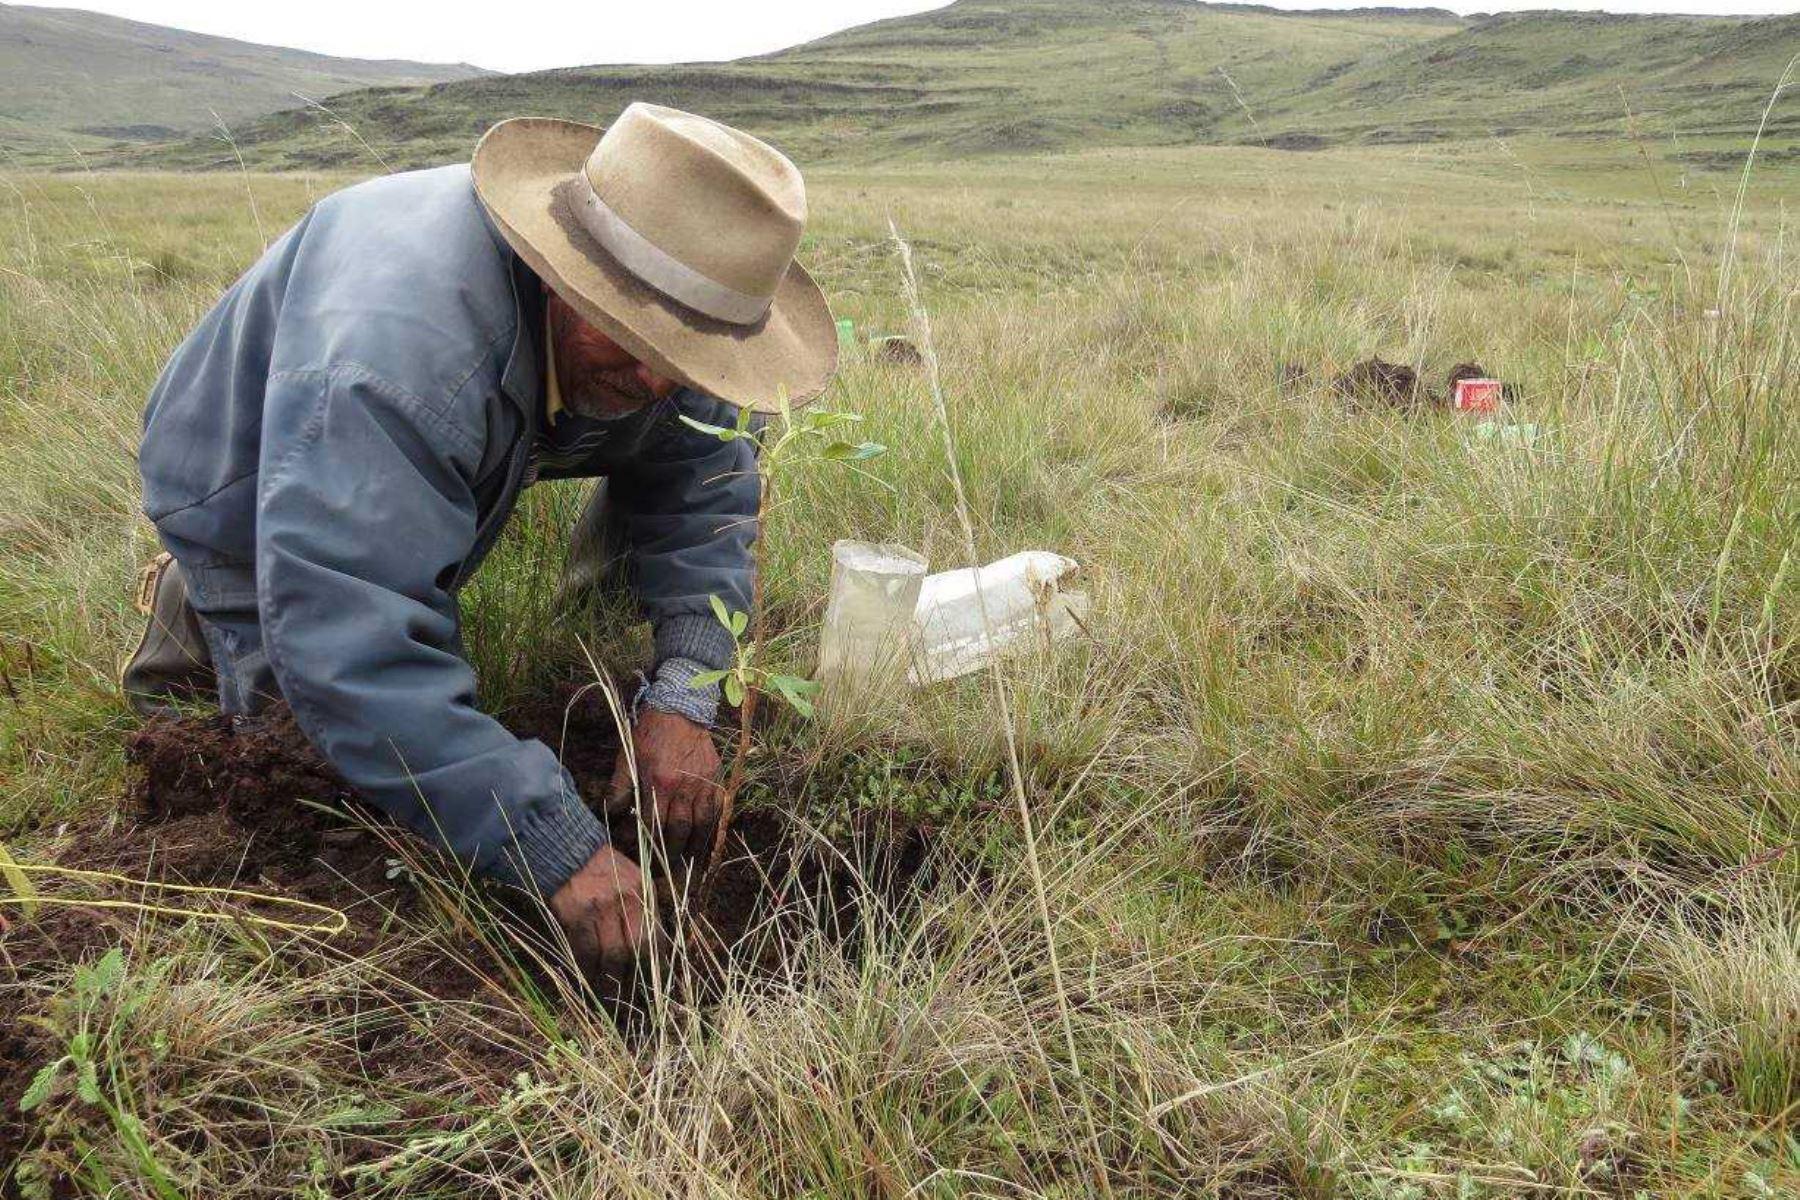 El Servicio Nacional de Áreas Naturales Protegidas por el Estado (Sernanp) encabezó la reforestación de más de 1,500 plantones de la especie nativa quenuales, en dos hectáreas del sector Chalacpampa, en el Santuario Nacional de Calipuy, ubicado en la región La Libertad.